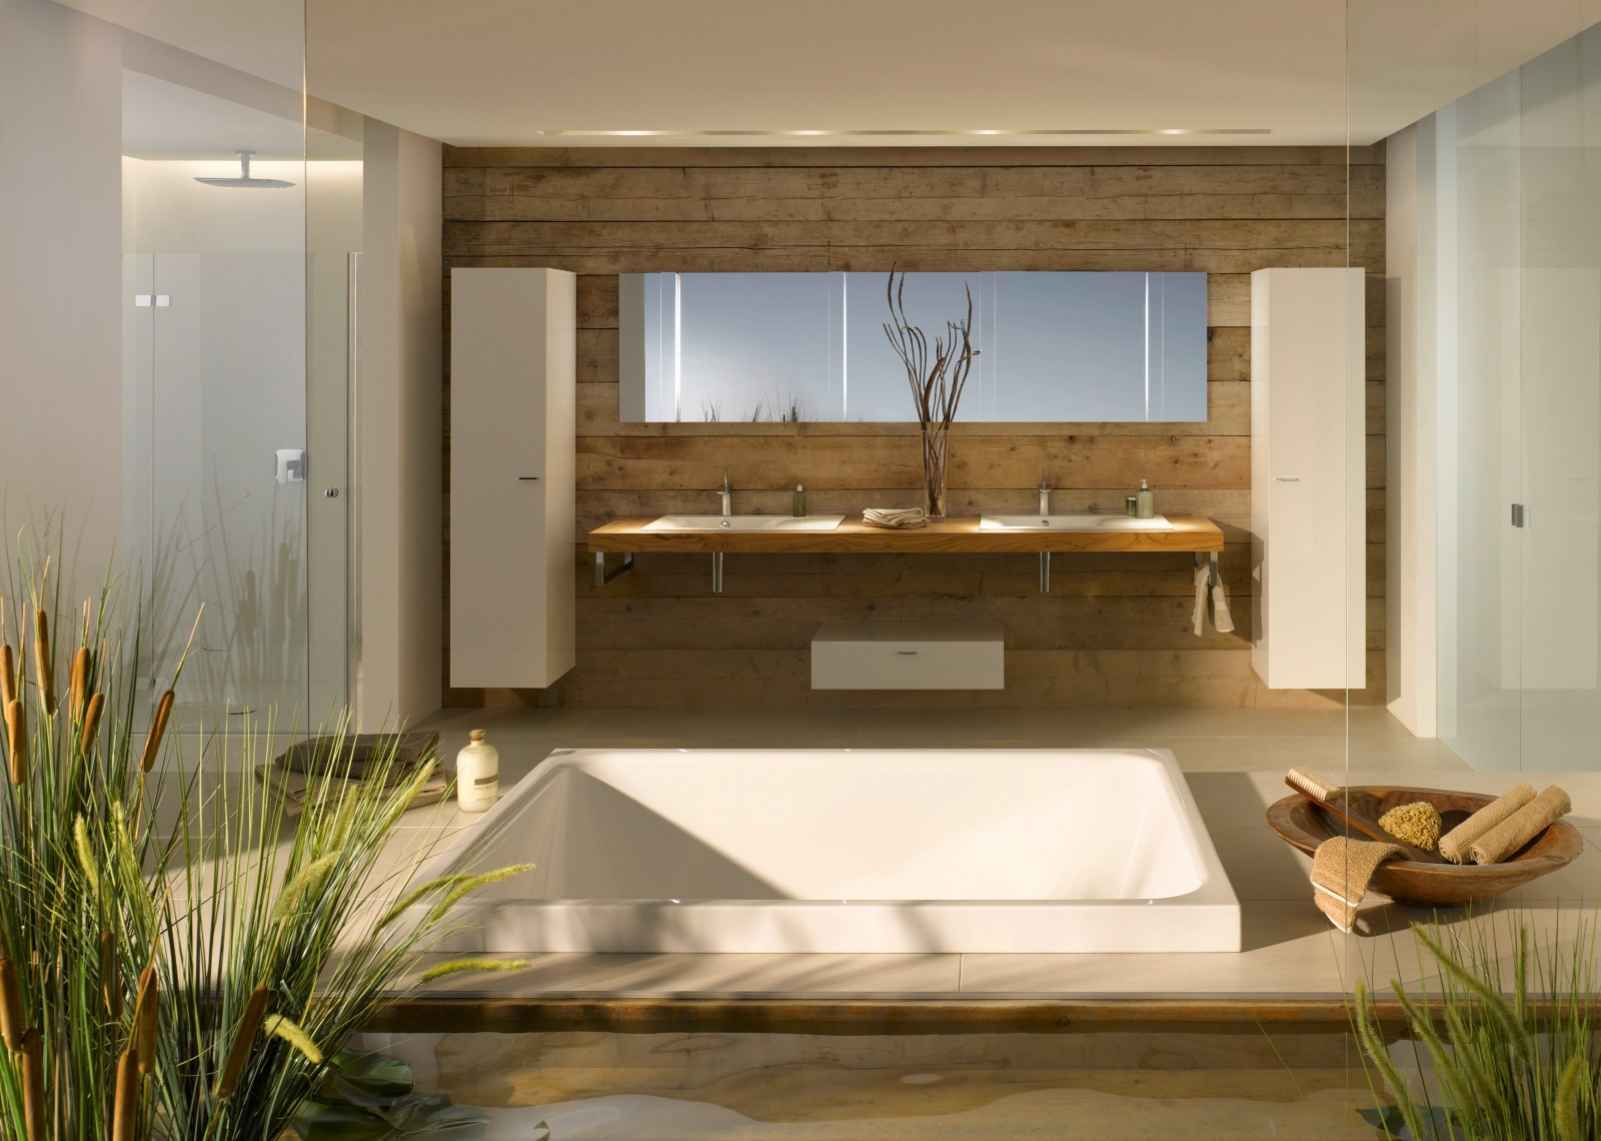 Recht Badewanne Bette Spa Im Bad Aus Holz Gestalten